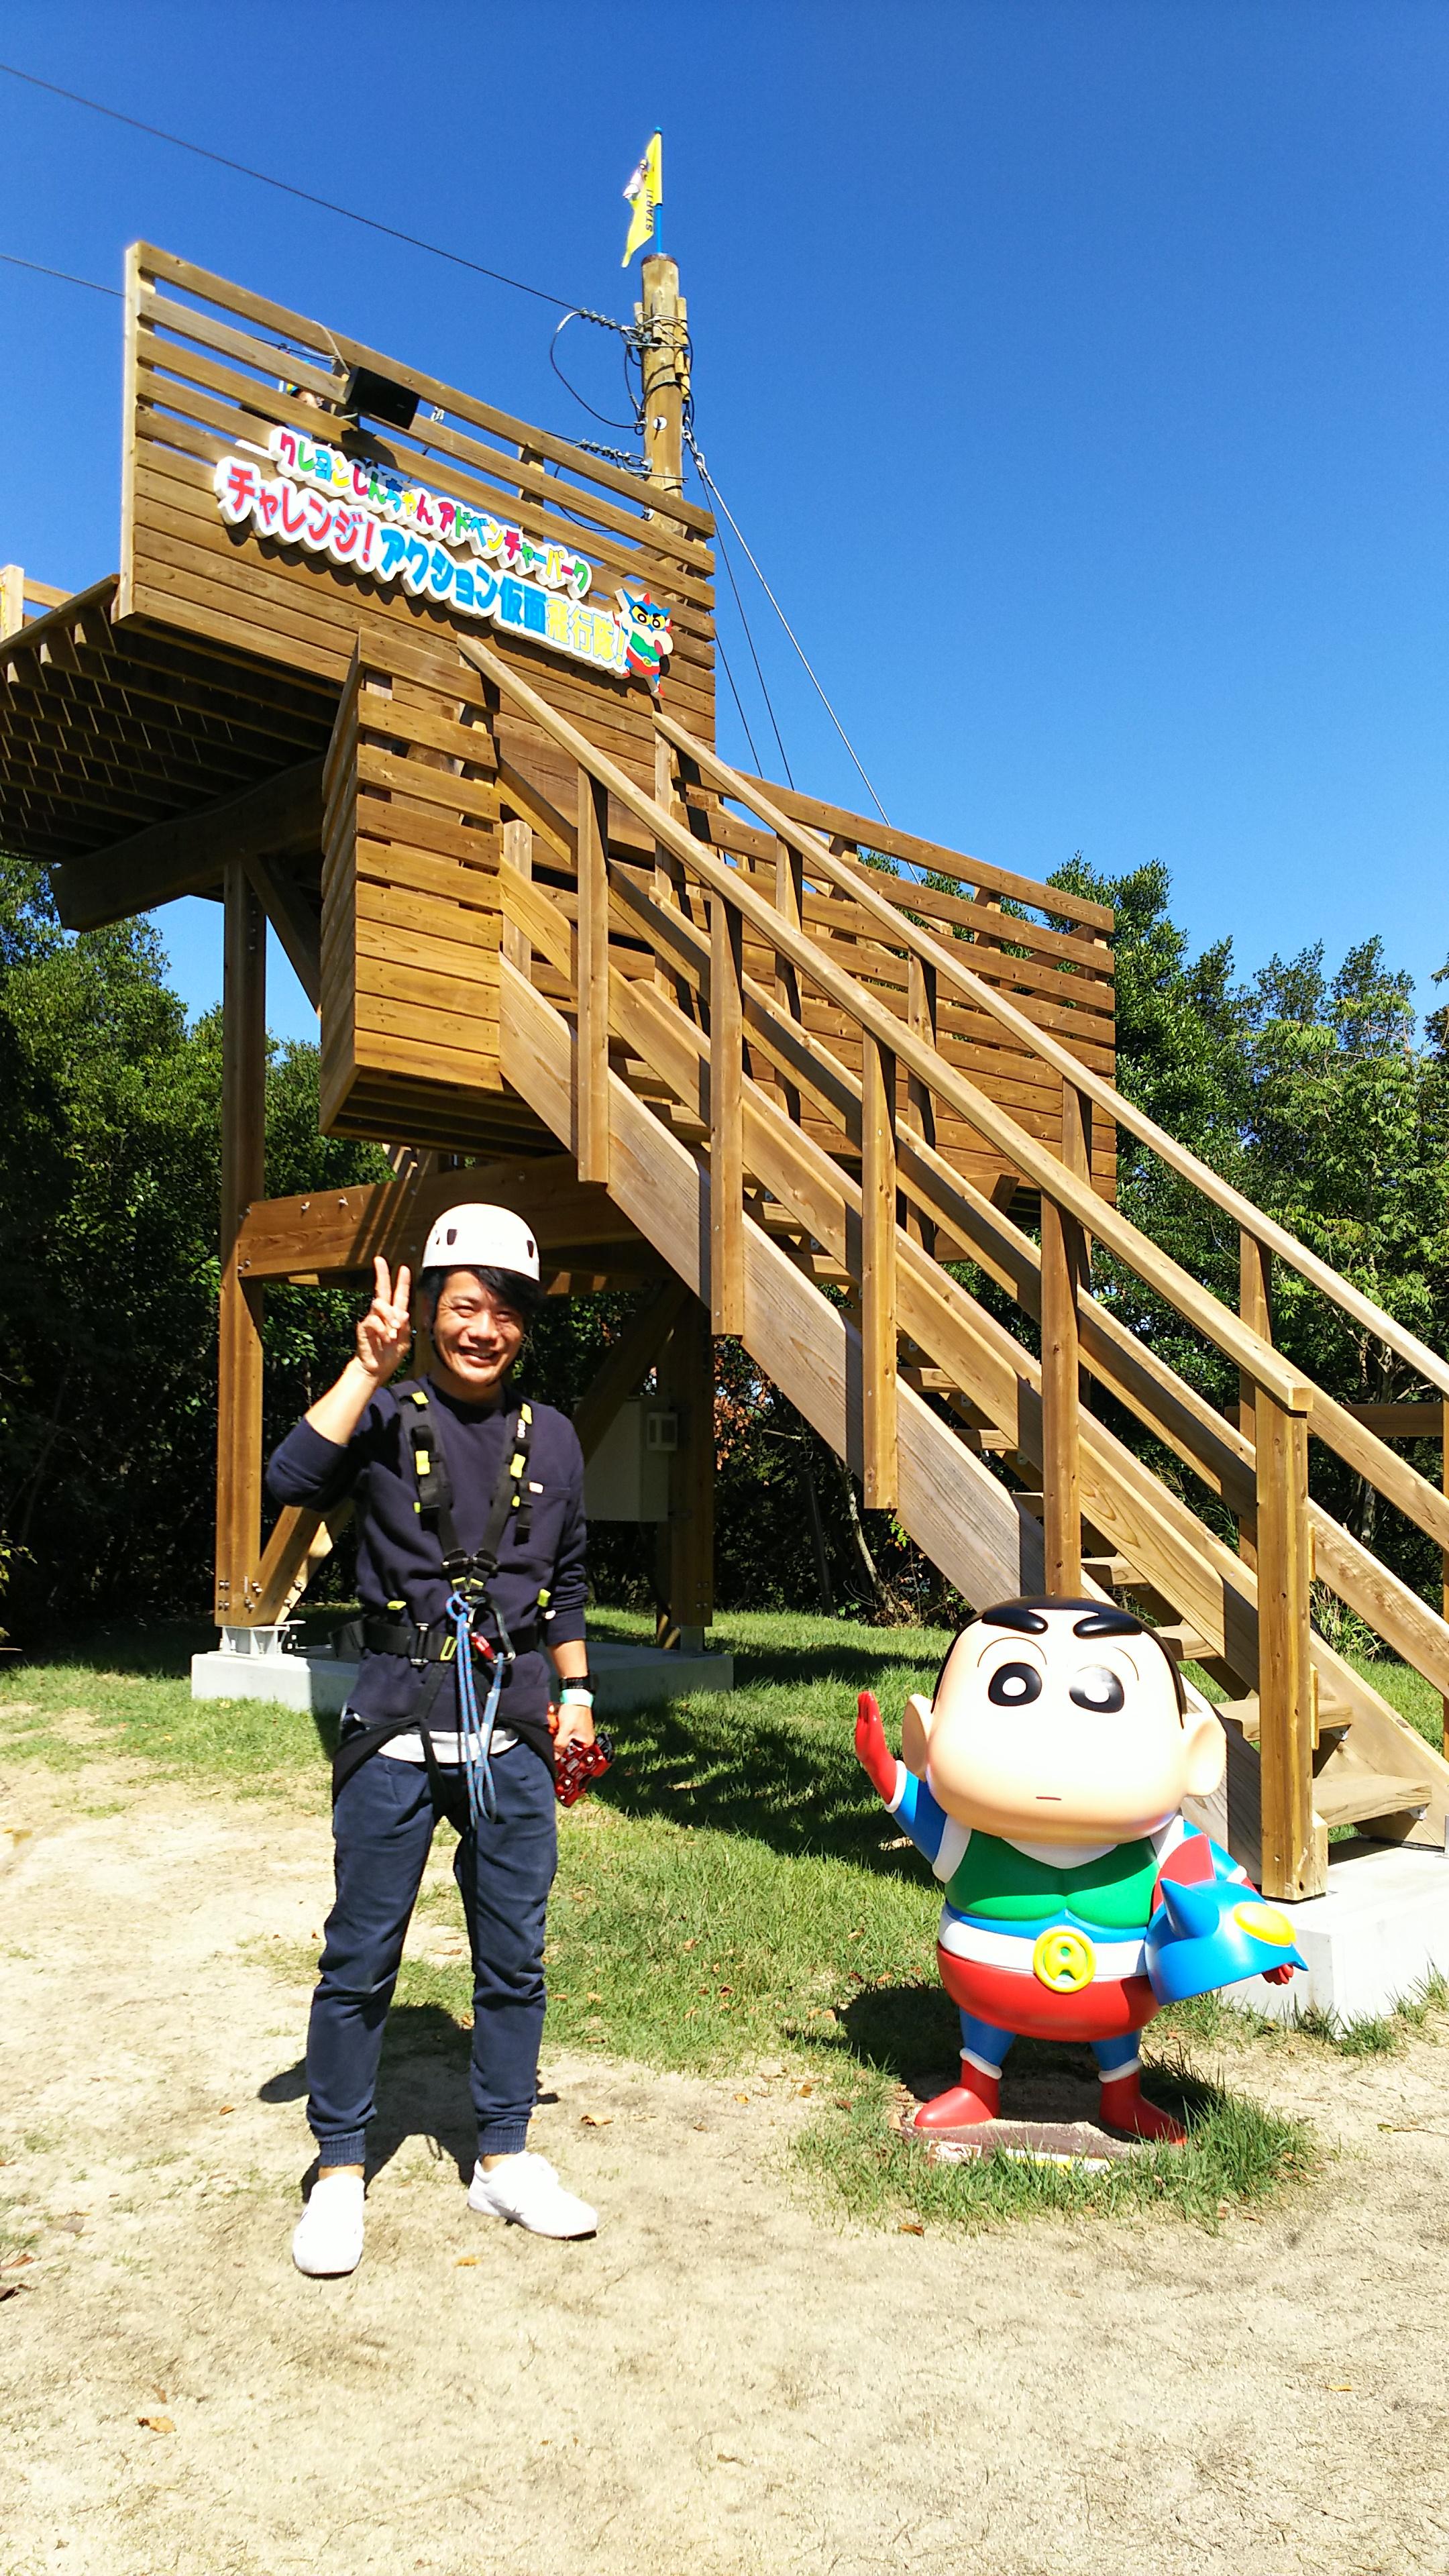 自然とアニメの素敵なコラボ★ 淡路島公園の新施設『ニジゲンノモリ』に行ってみた